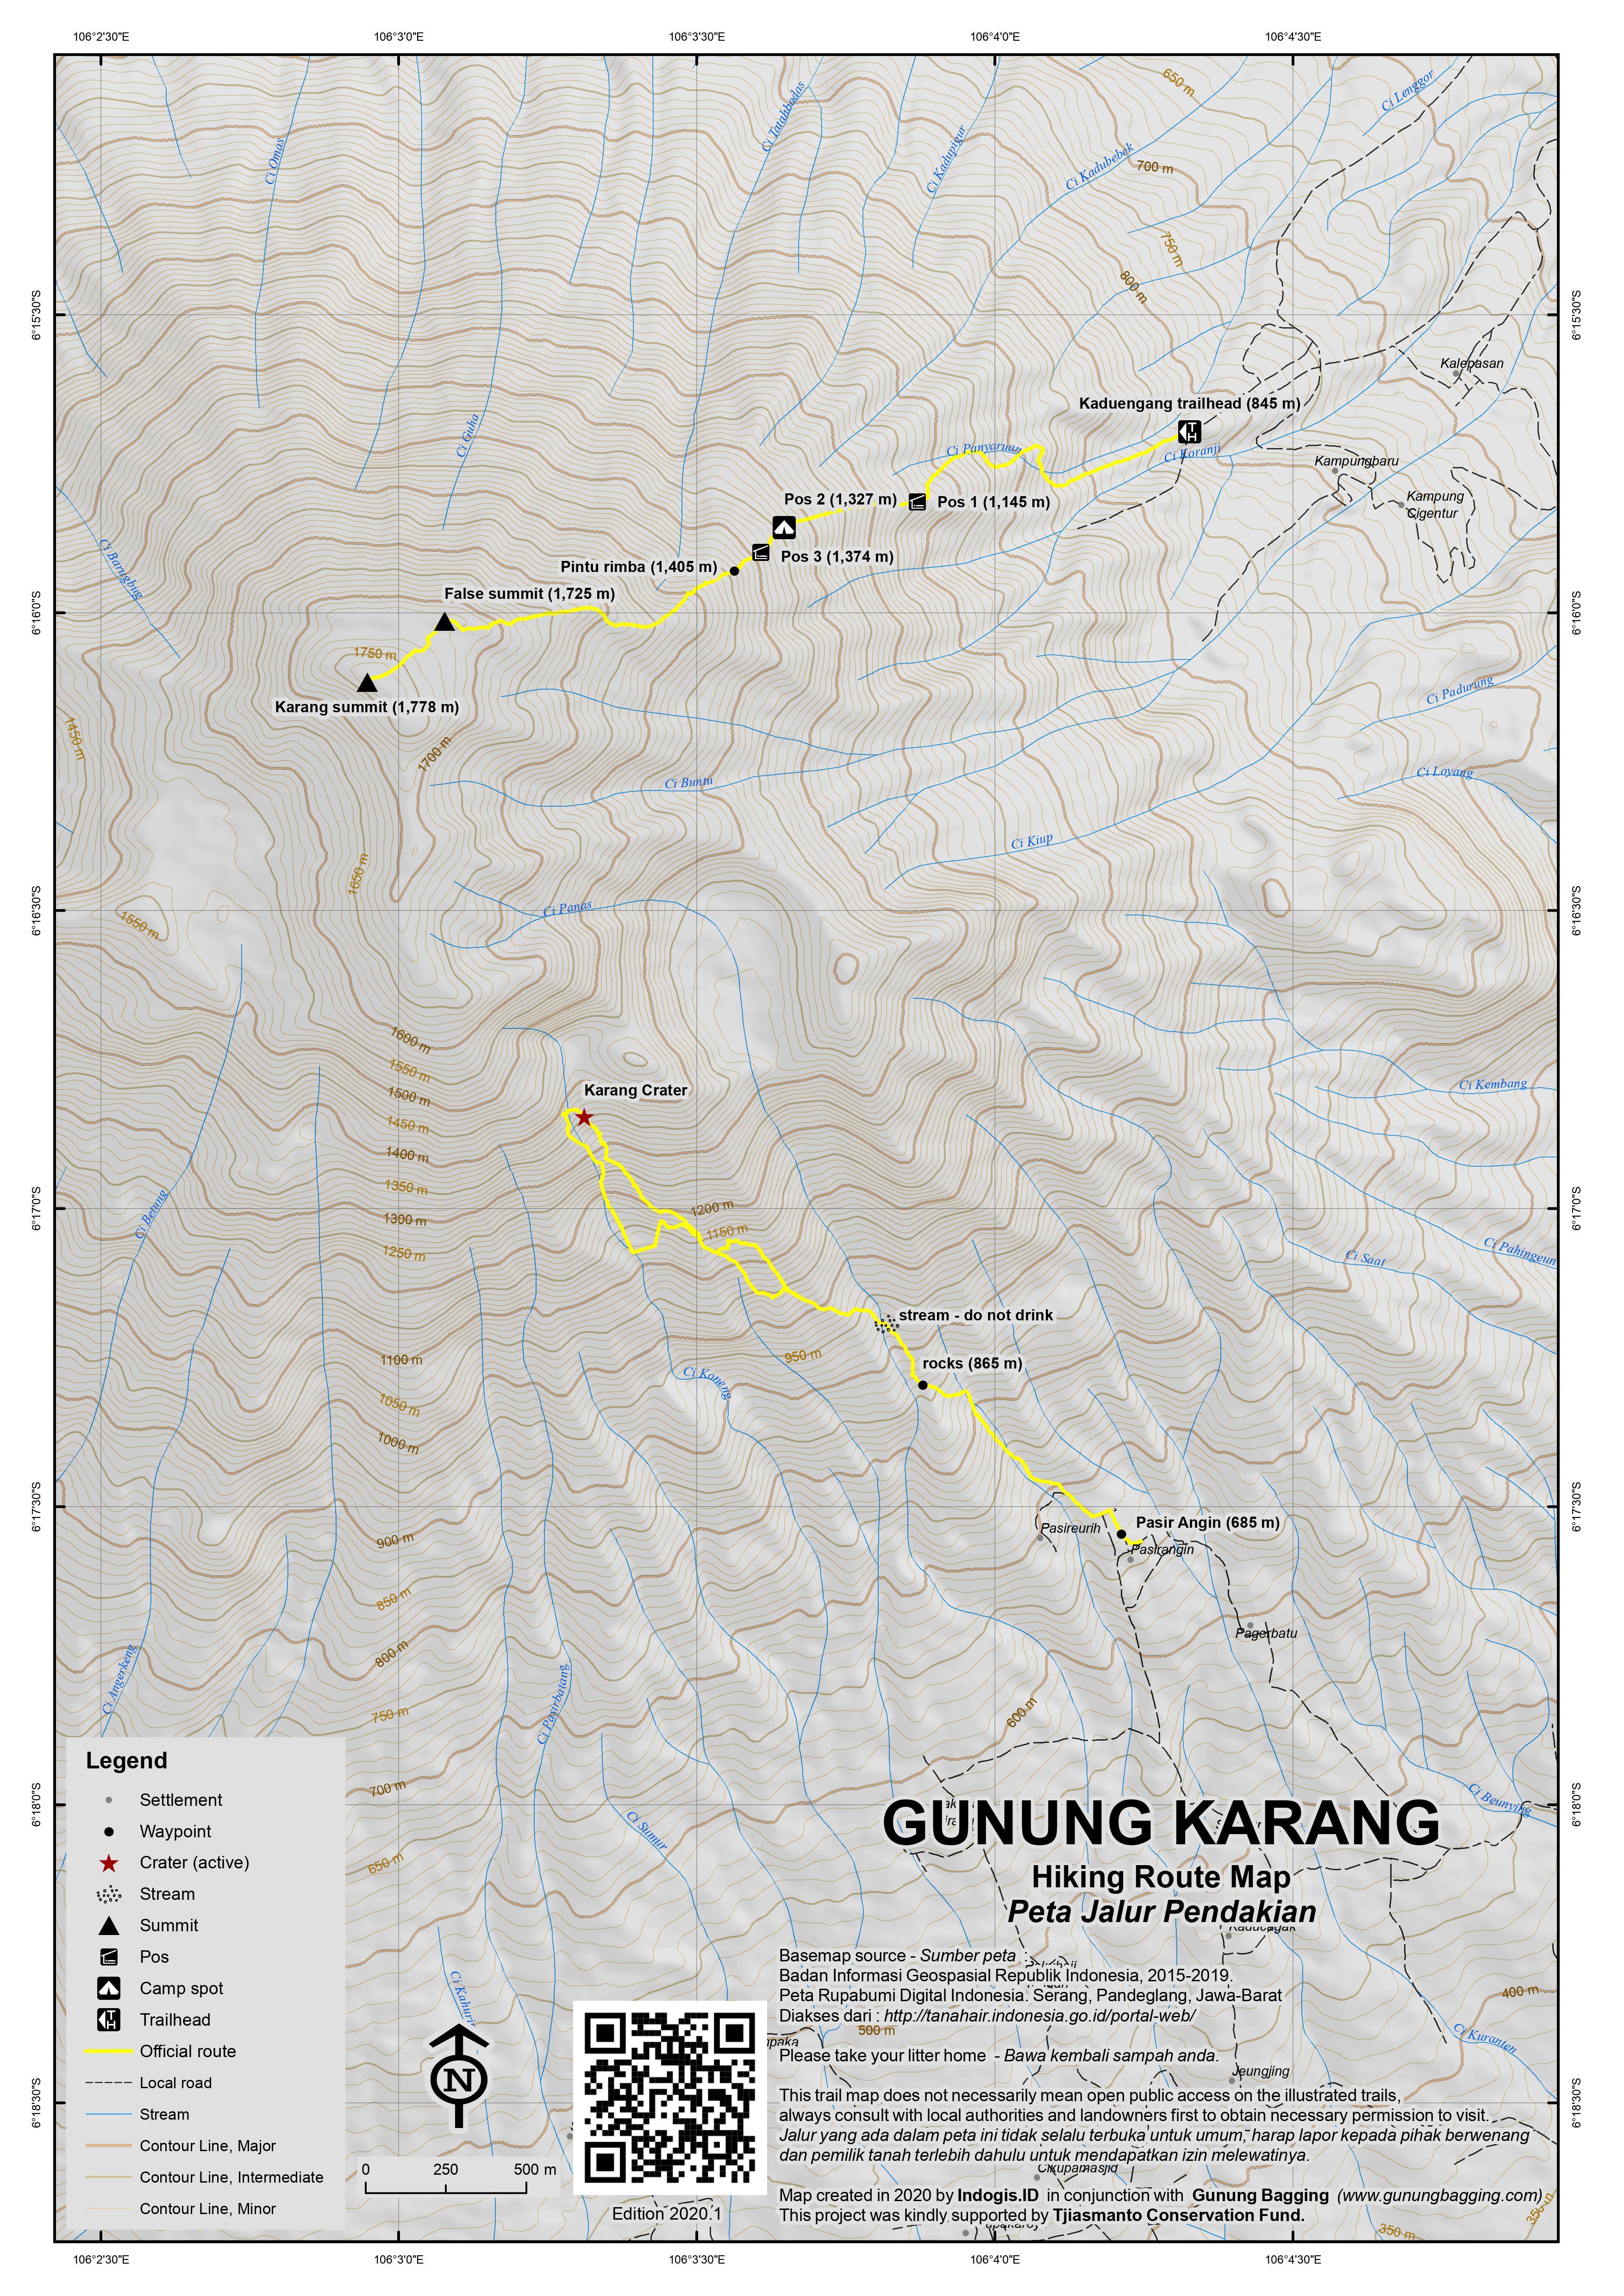 Peta Jalur Pendakian Gunung Karang